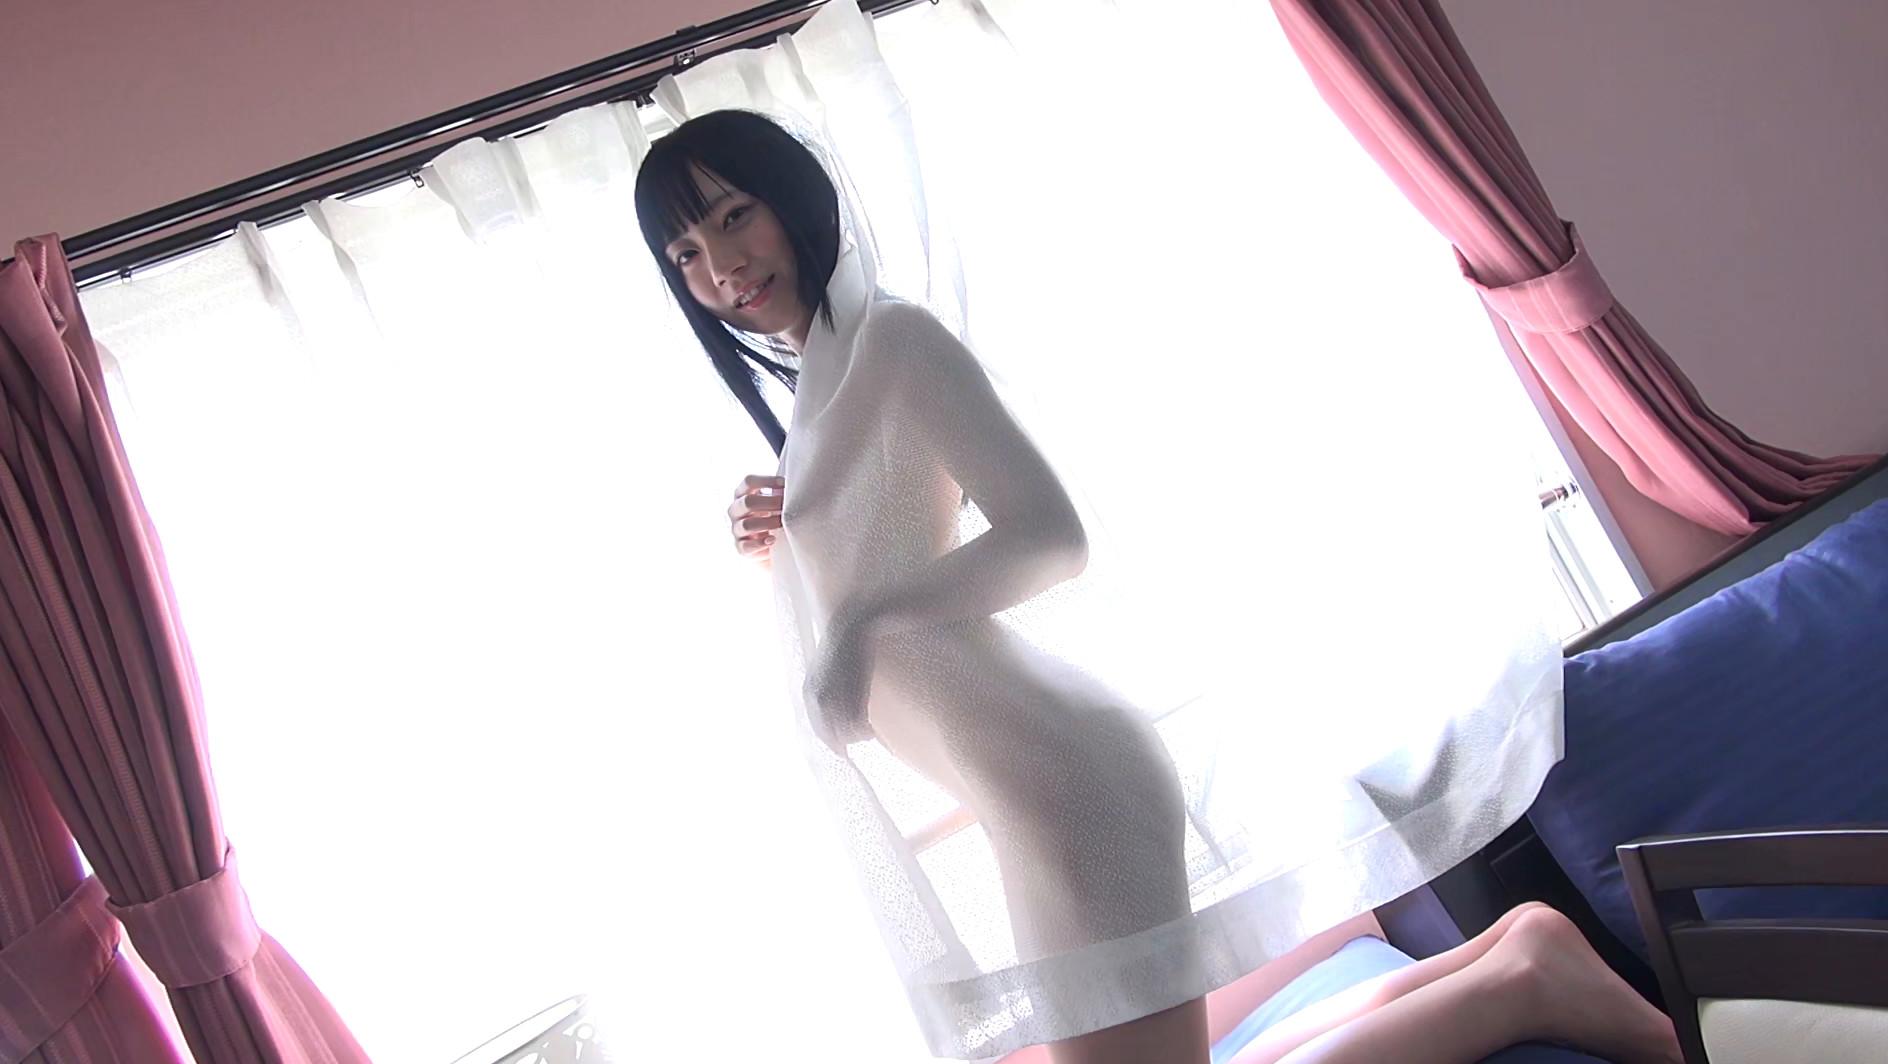 ヘアーヌード~無修正・妹系女子大生・美少女・ロ●ータセクシー女優~ 七沢みあ 画像10